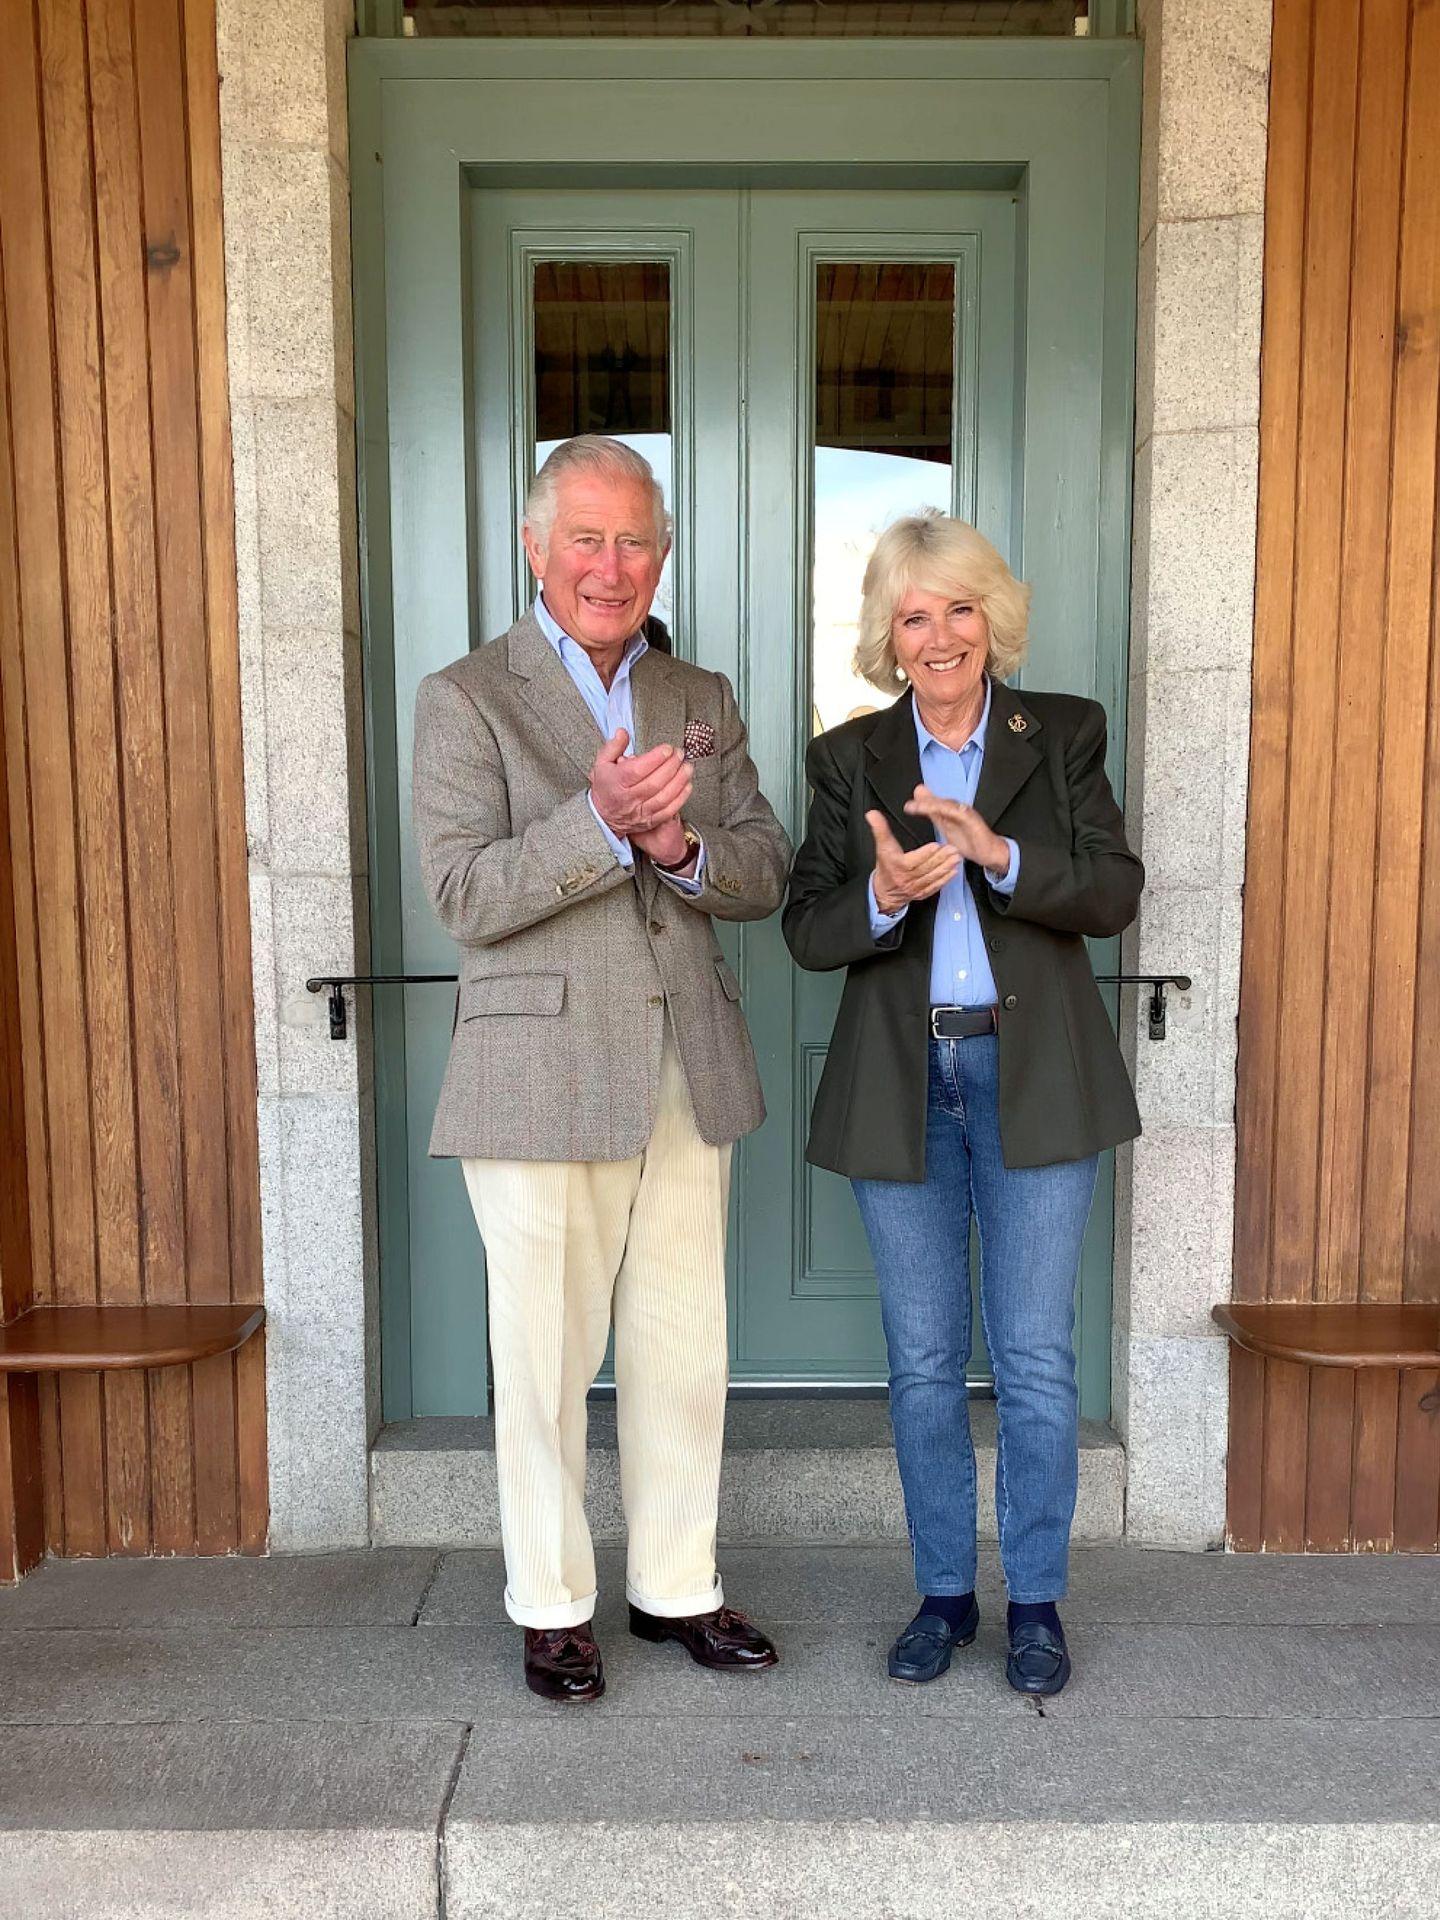 El príncipe Carlos y Camilla, hace unas semanas, uniéndose al aplauso a las 8 de la tarde. (Reuters)